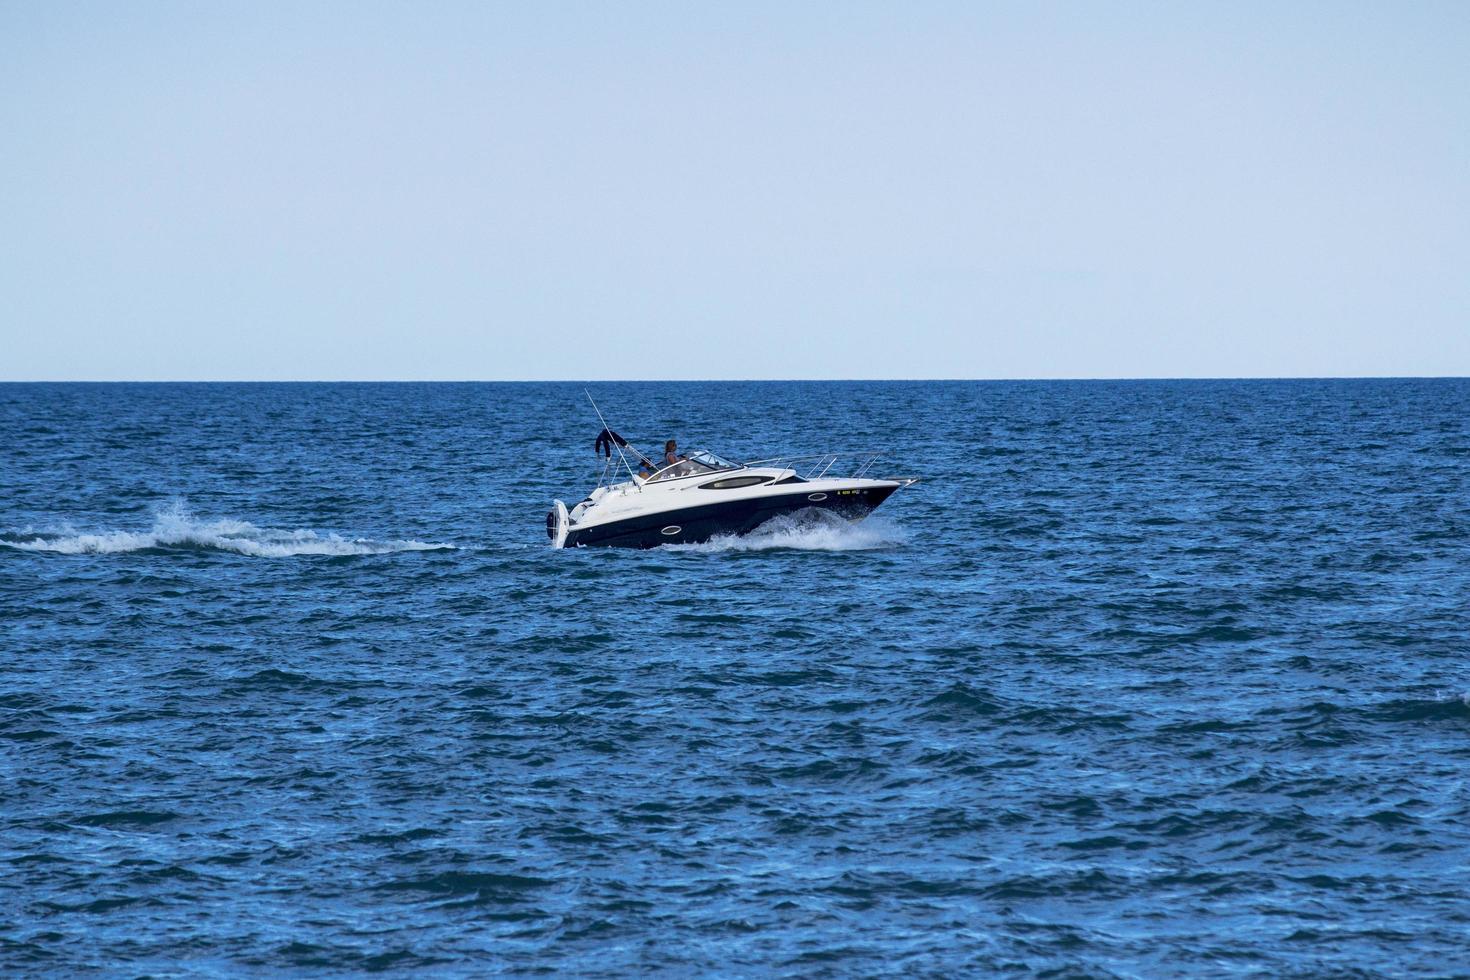 Lancha blanca en el mar durante el día foto